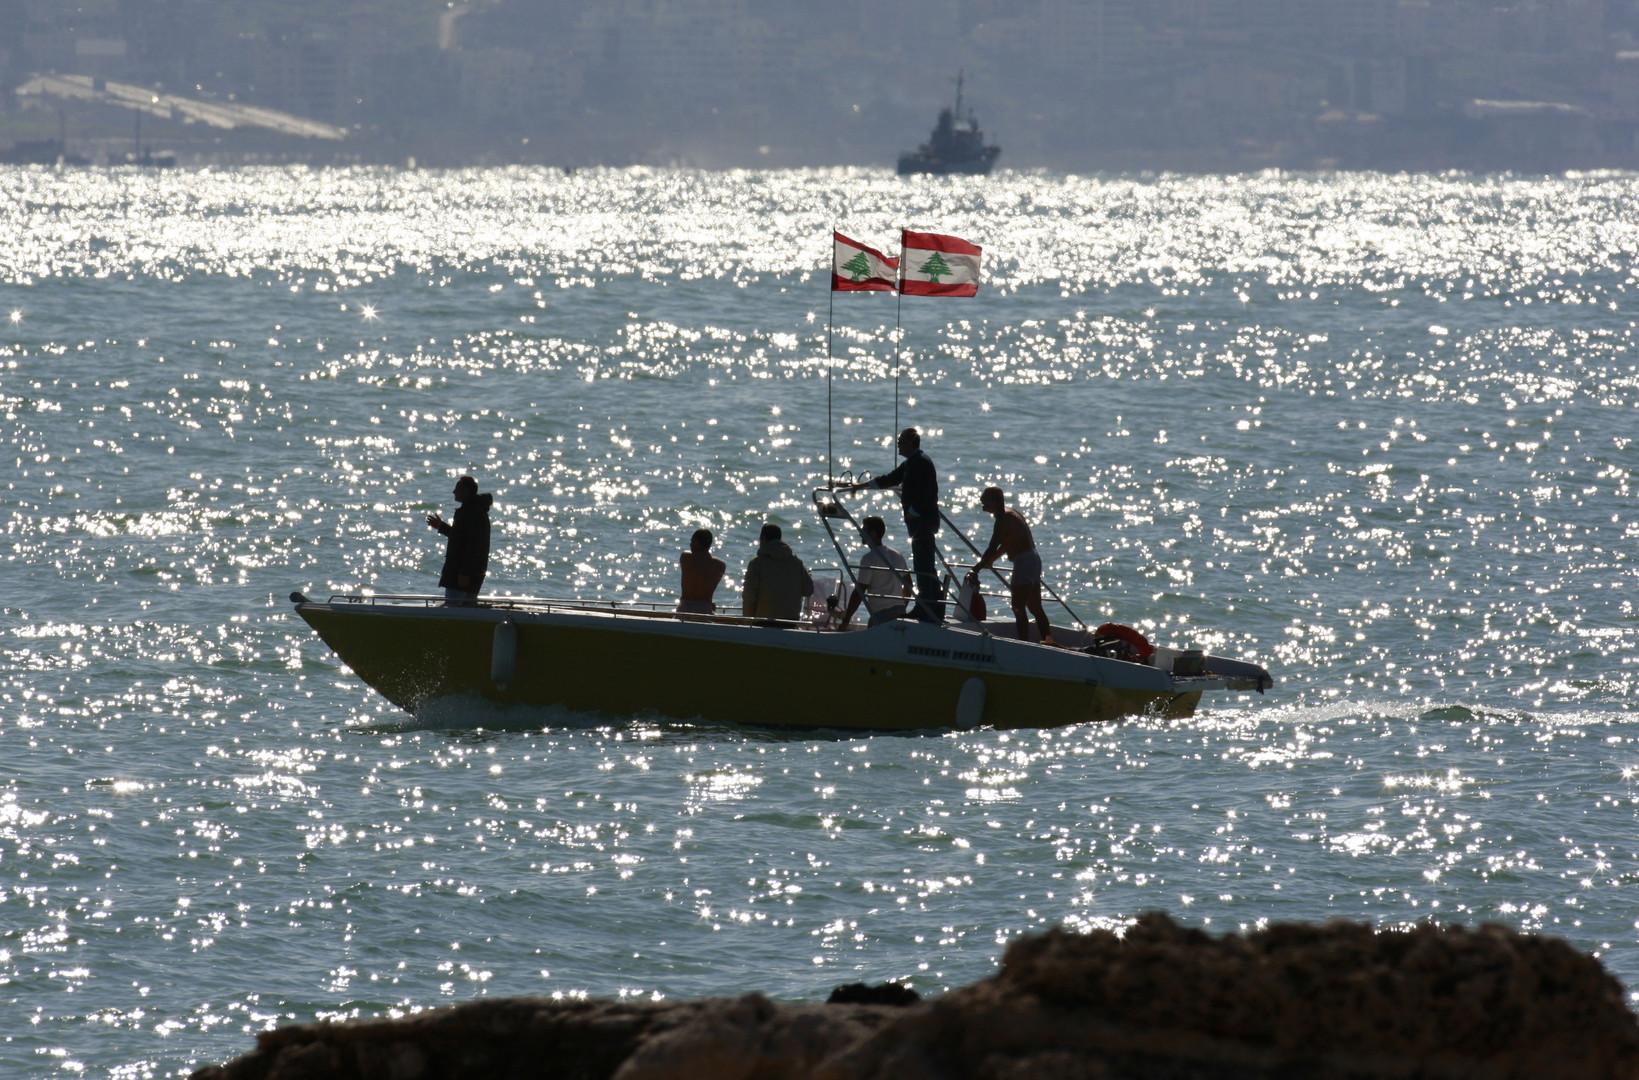 إسرائيل توافق على التفاوض مع لبنان حول الحدود البحرية- صورة أرشيفية